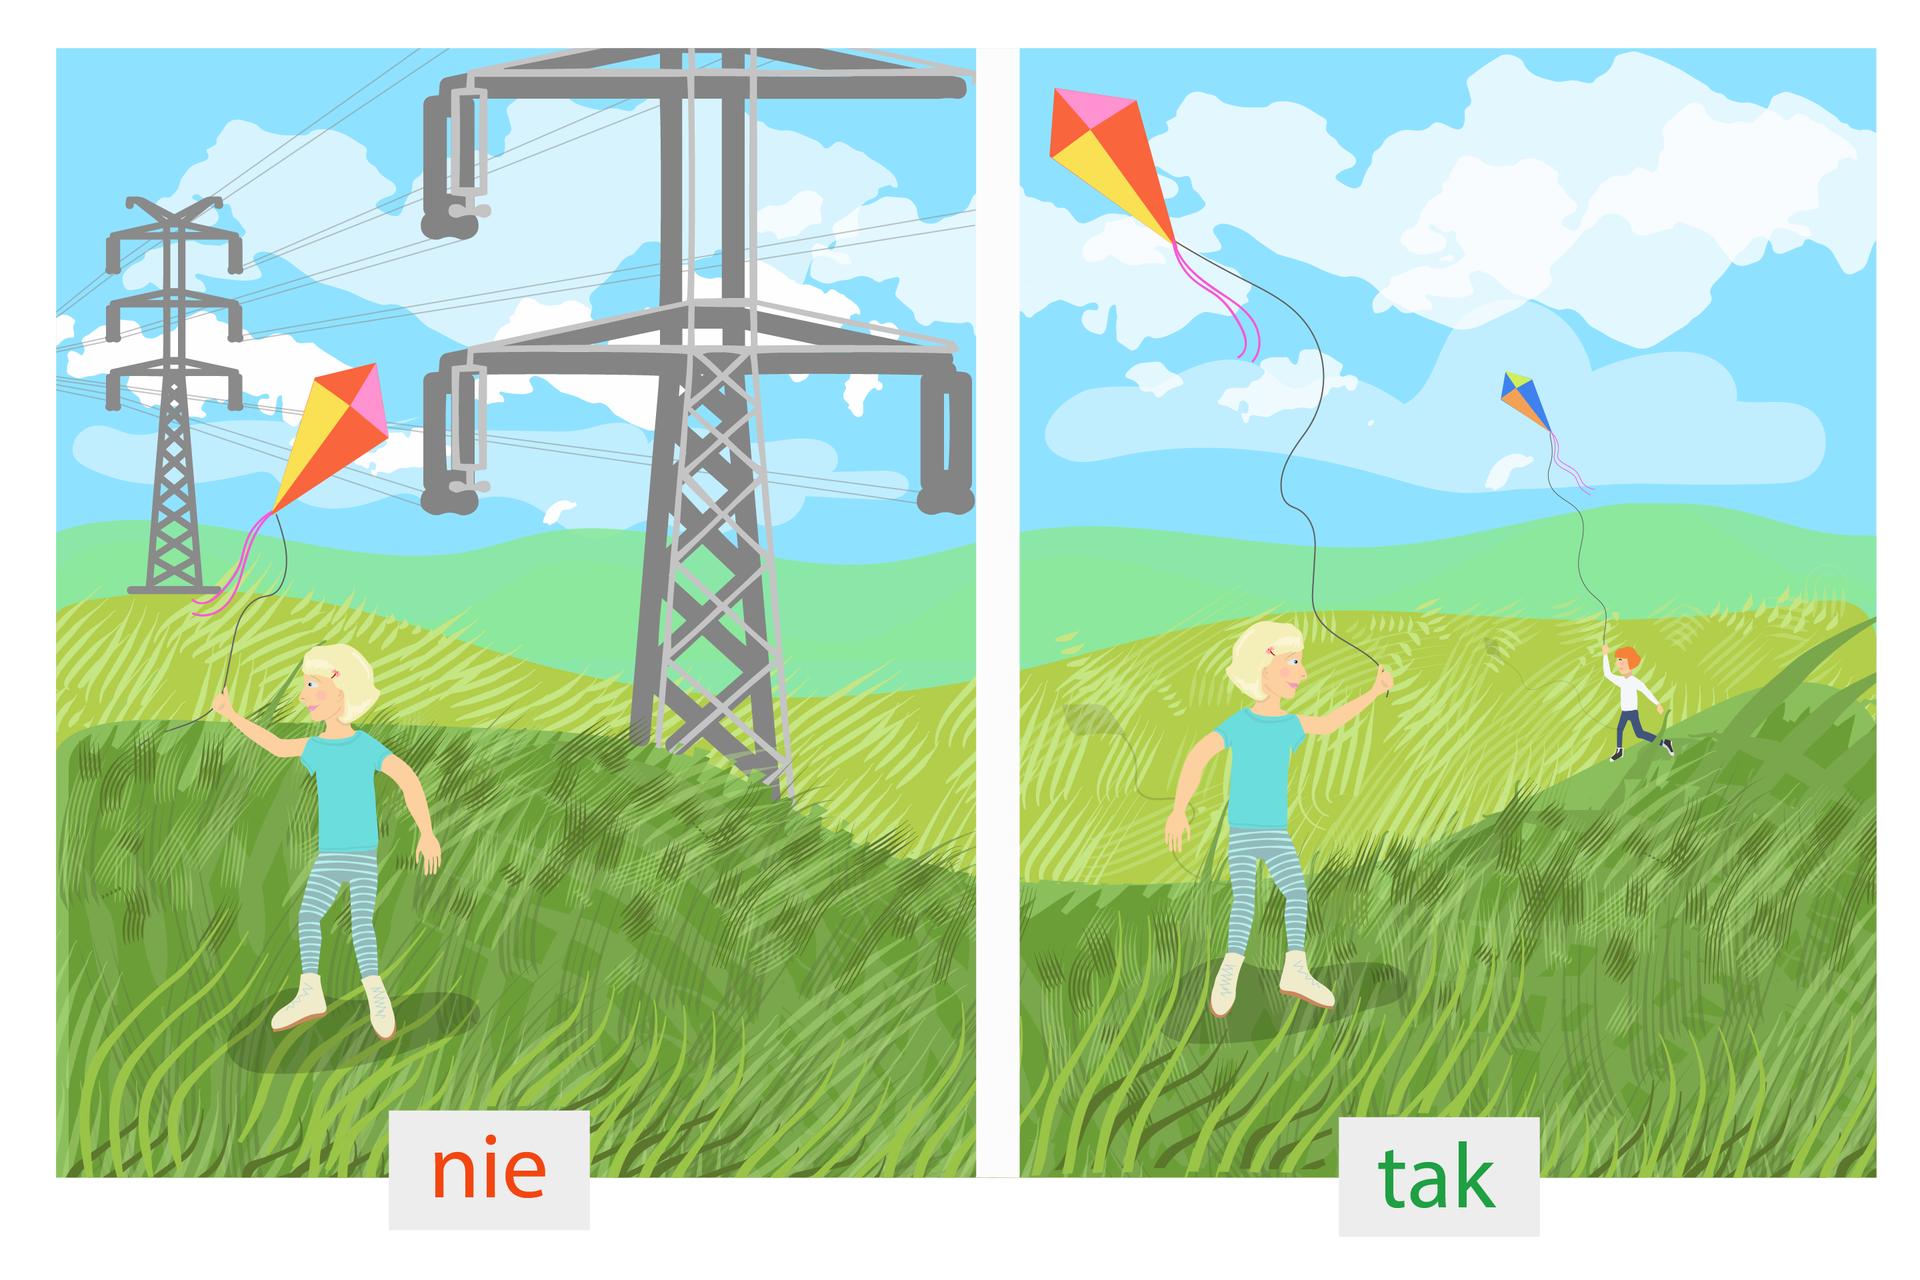 Czwarty rysunek: po lewej stronie dzieci puszczają latawce pod linią wysokiego napięcia. Po prawej stronie dzeci puszczają latawce na polani.